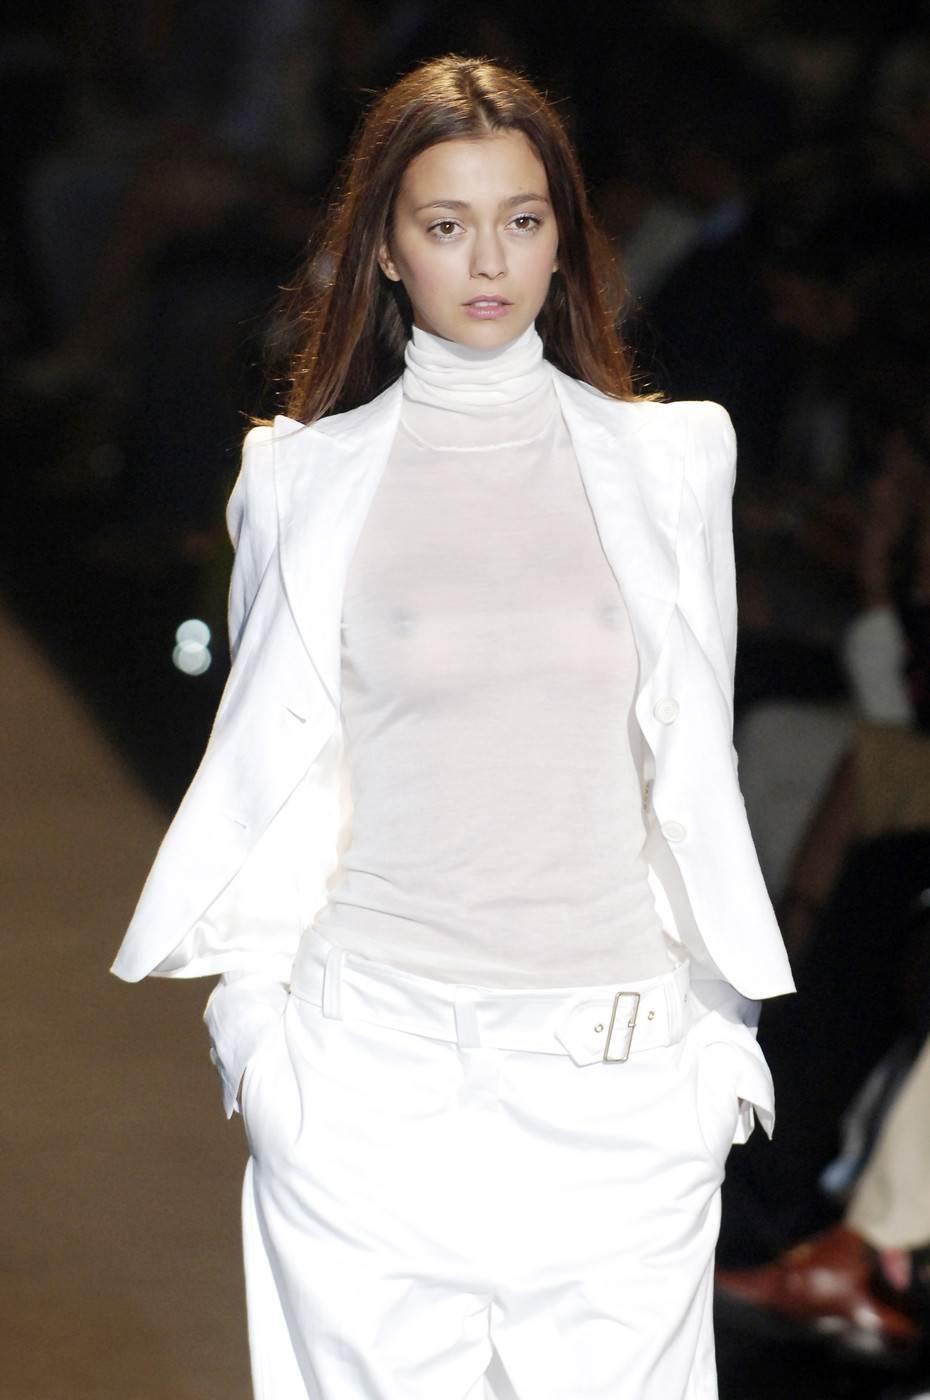 【外人】30歳過ぎてるロリ顔のフランス人モデルのモルガン・デュブレ(Morgane Dubled)のポルノ画像 2400